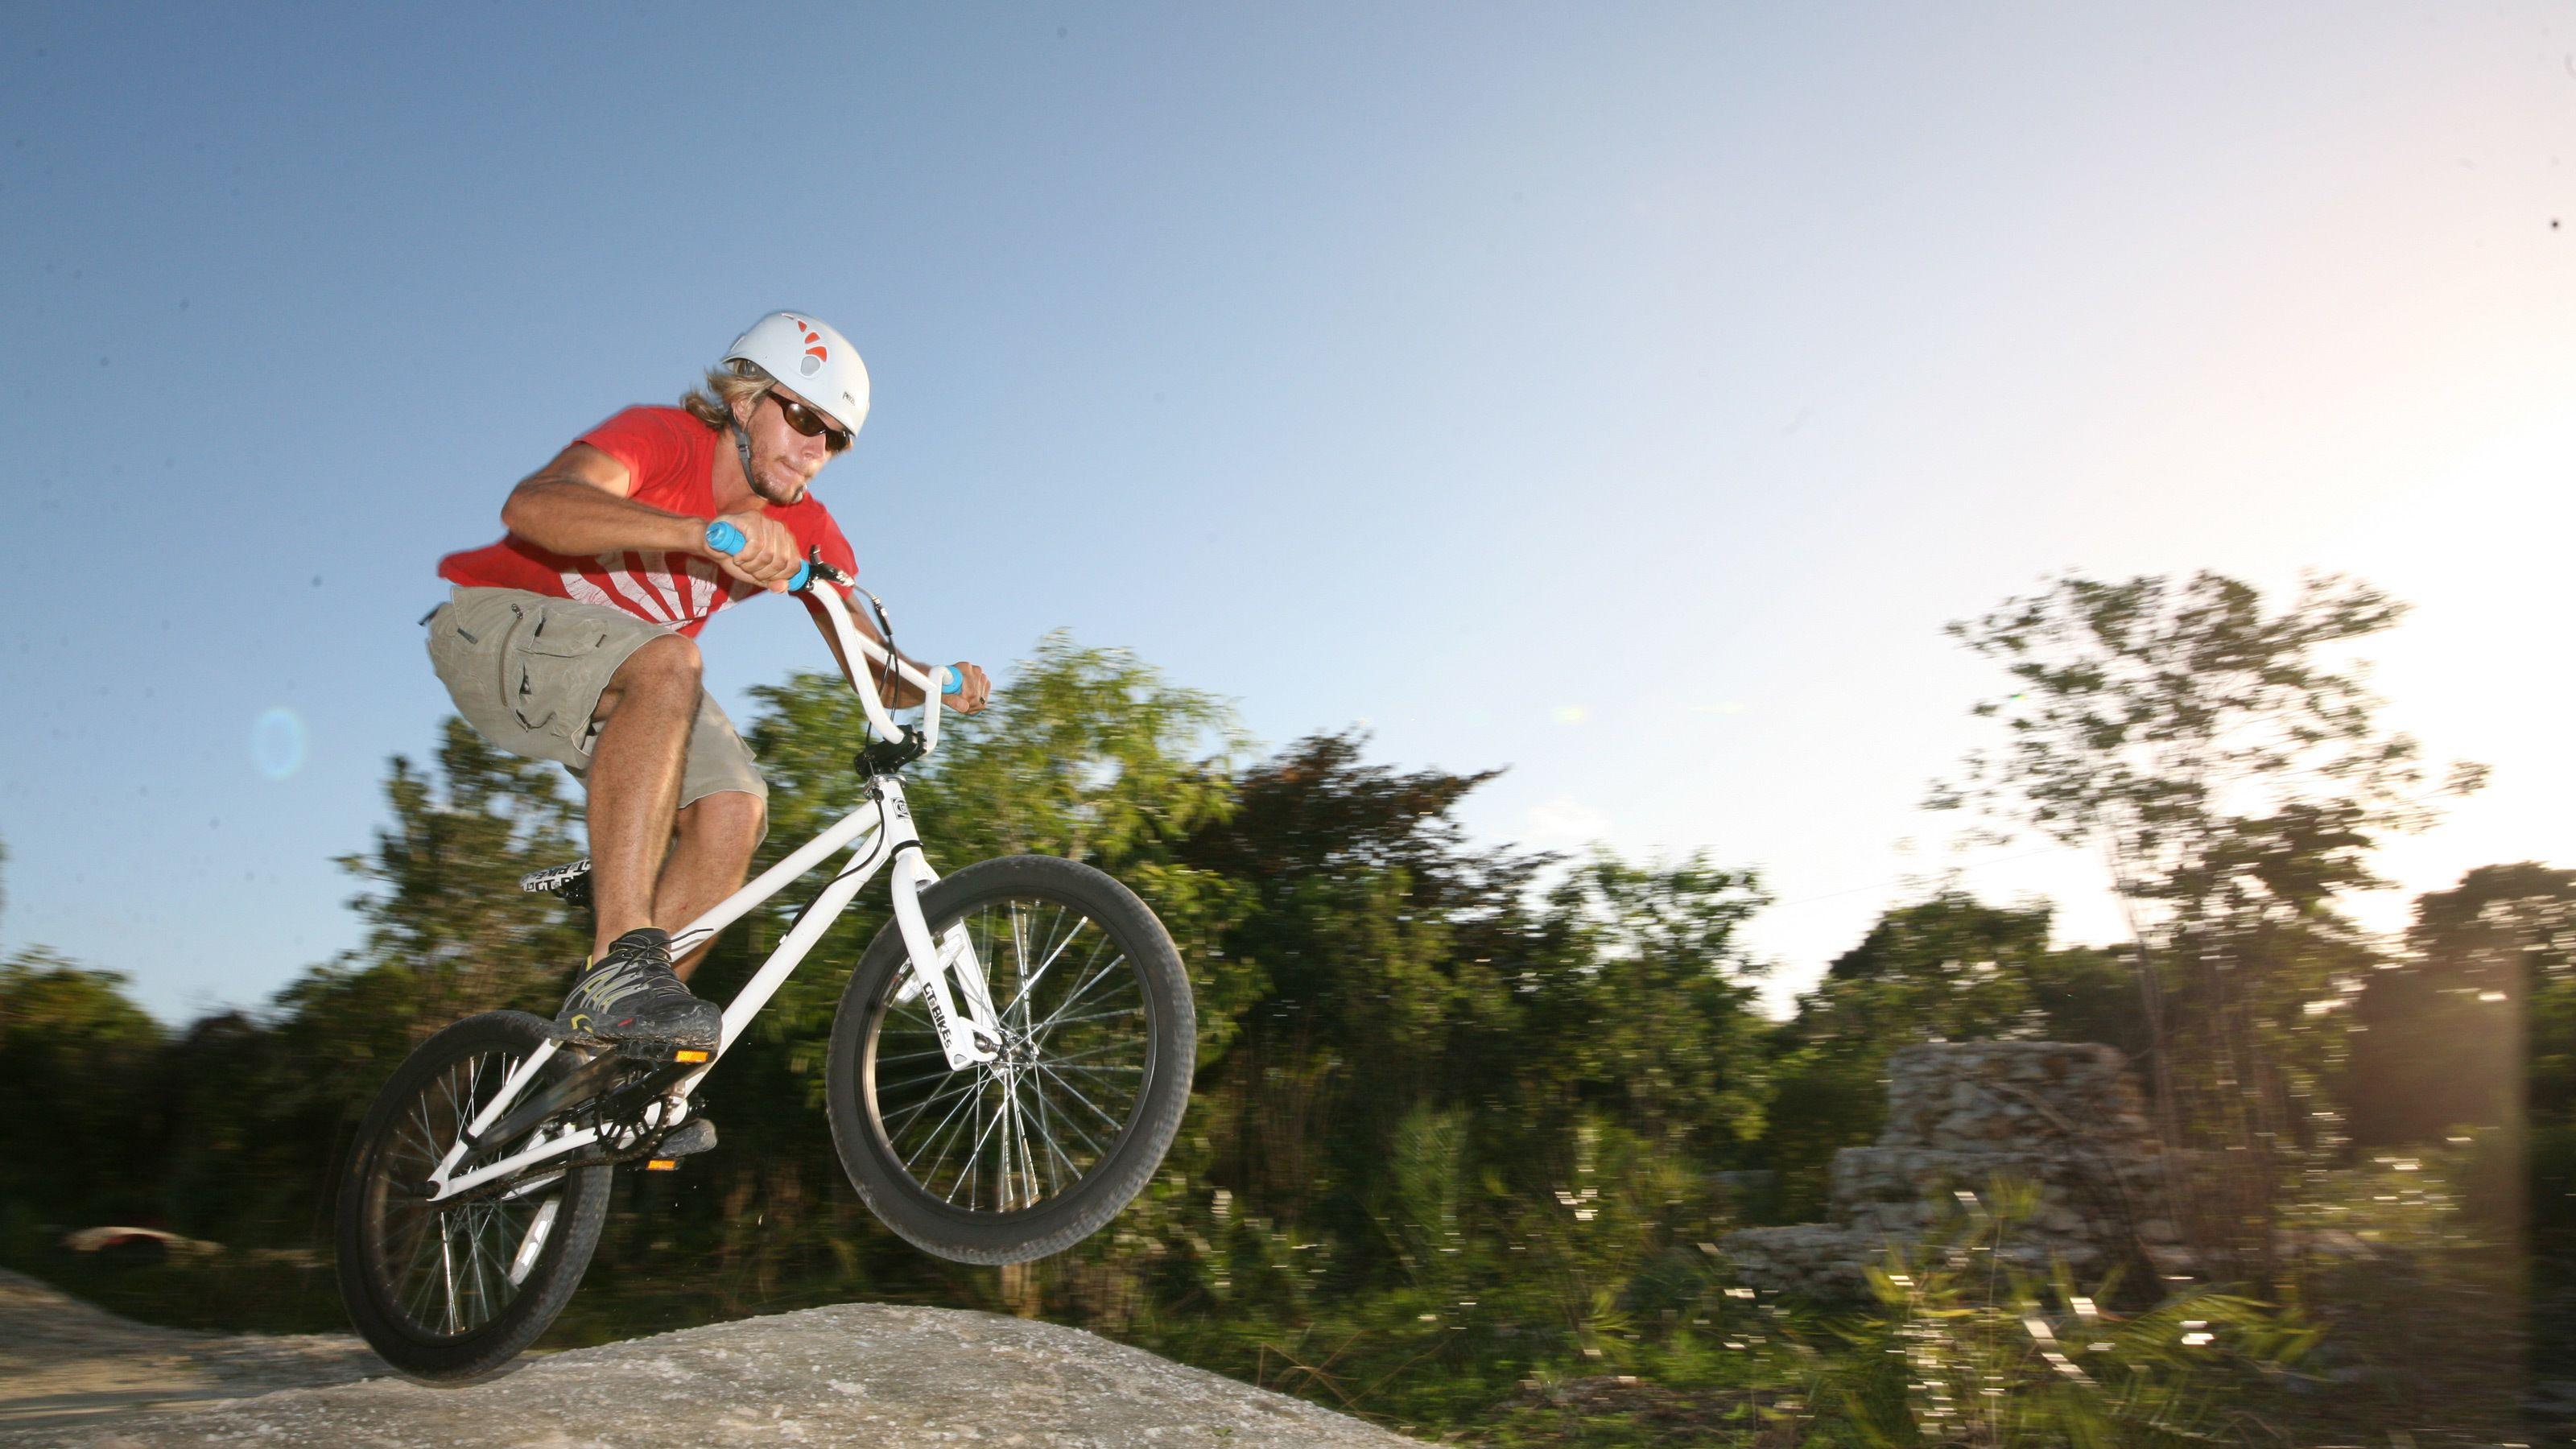 man riding Mountain bike in park in Santo Domingo